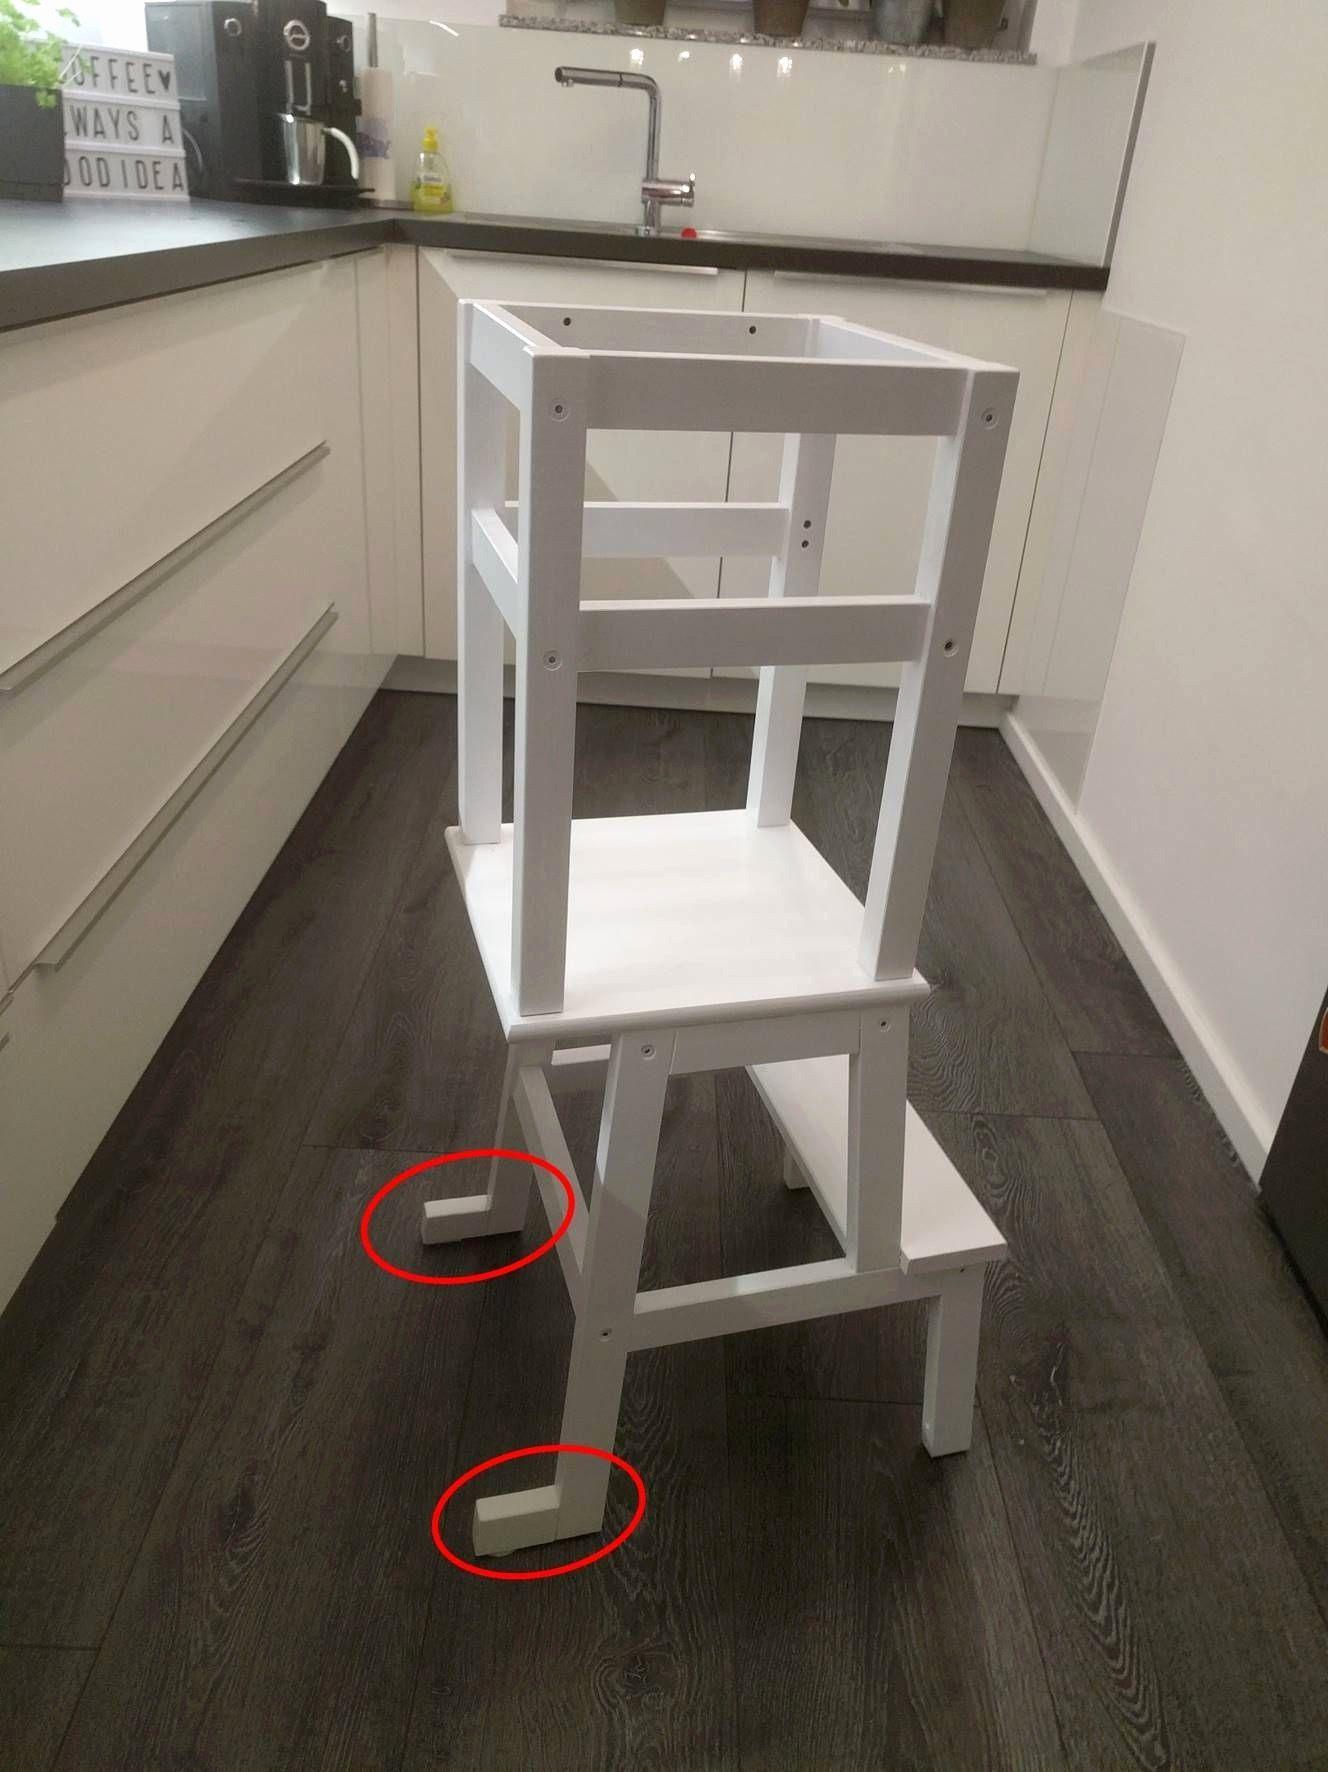 Lit Superposé Gain De Place Élégant Lit Mezzanine Bureau Armoire Lit Mezzanine Avec Bureau Lit Mezzanine